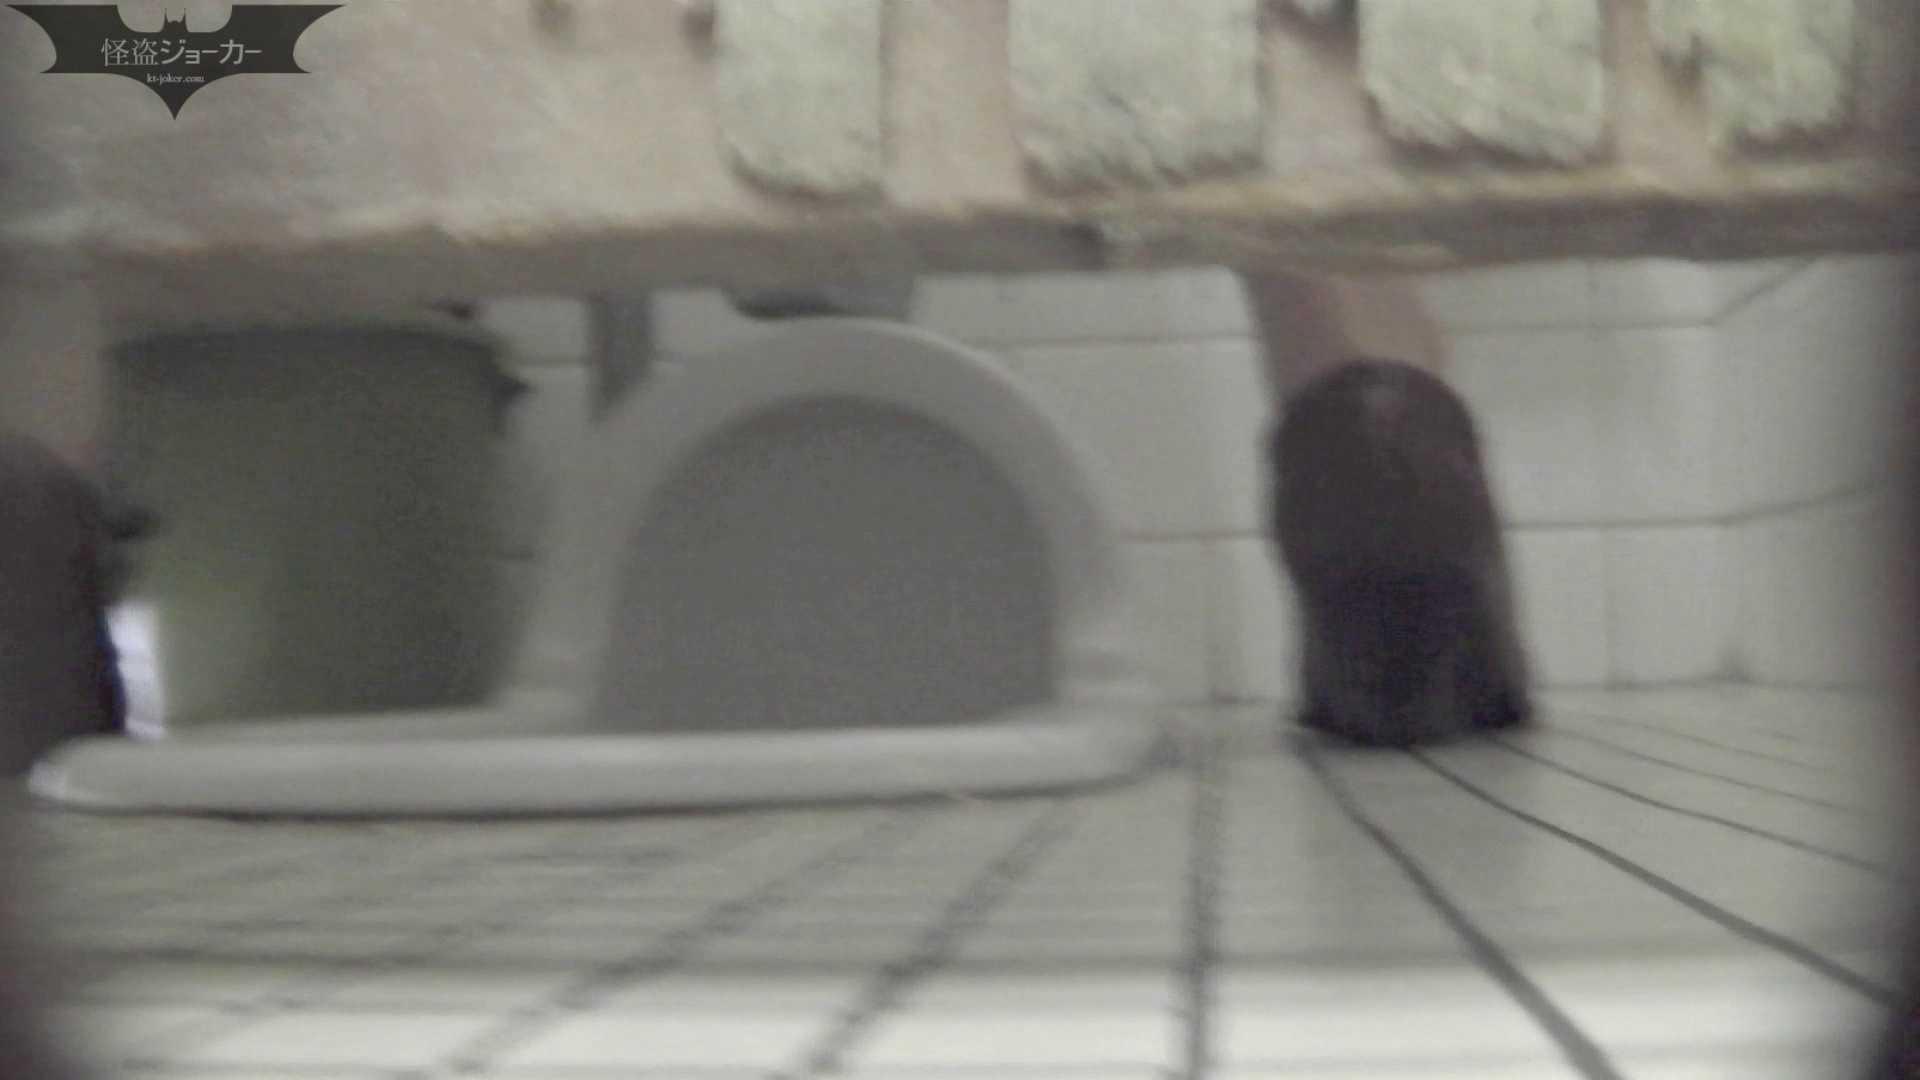 洗面所特攻隊 vol.46続編 サムネの子の・・・【2015・23位】 エッチすぎるOL達 盗み撮り動画キャプチャ 64連発 23